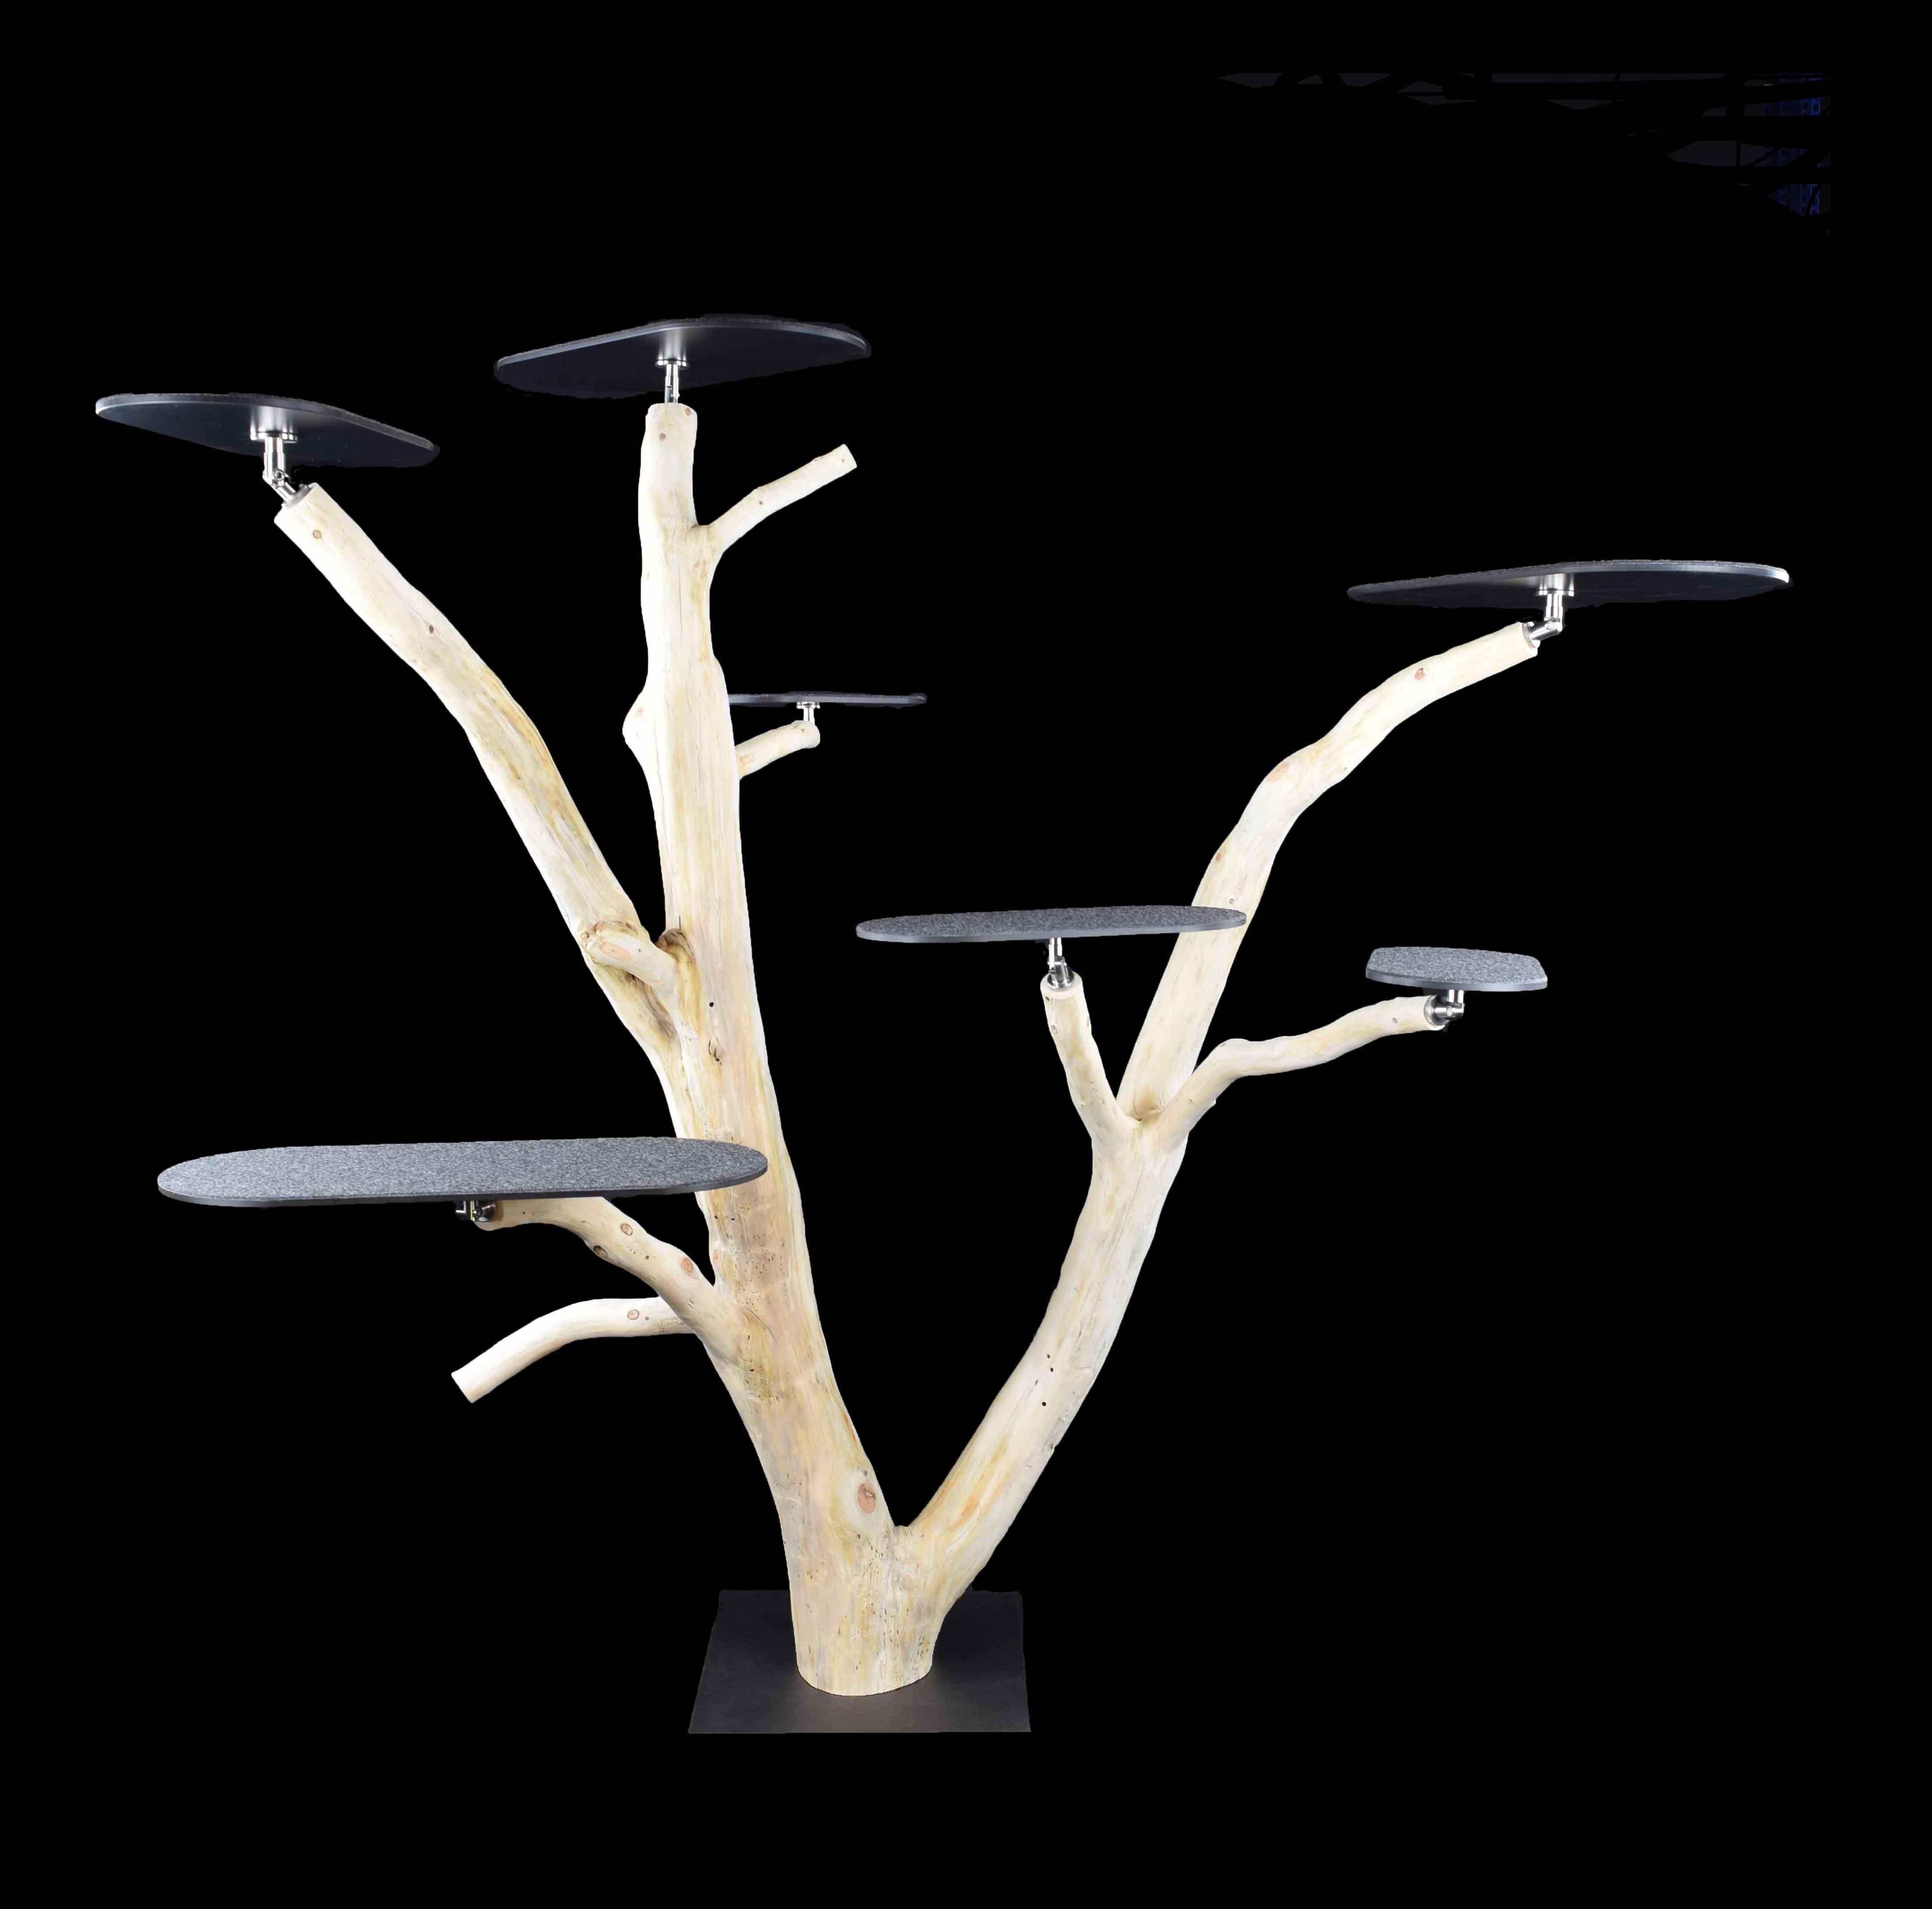 arbre chat naturel mobilier design furniture arbre support pinterest. Black Bedroom Furniture Sets. Home Design Ideas